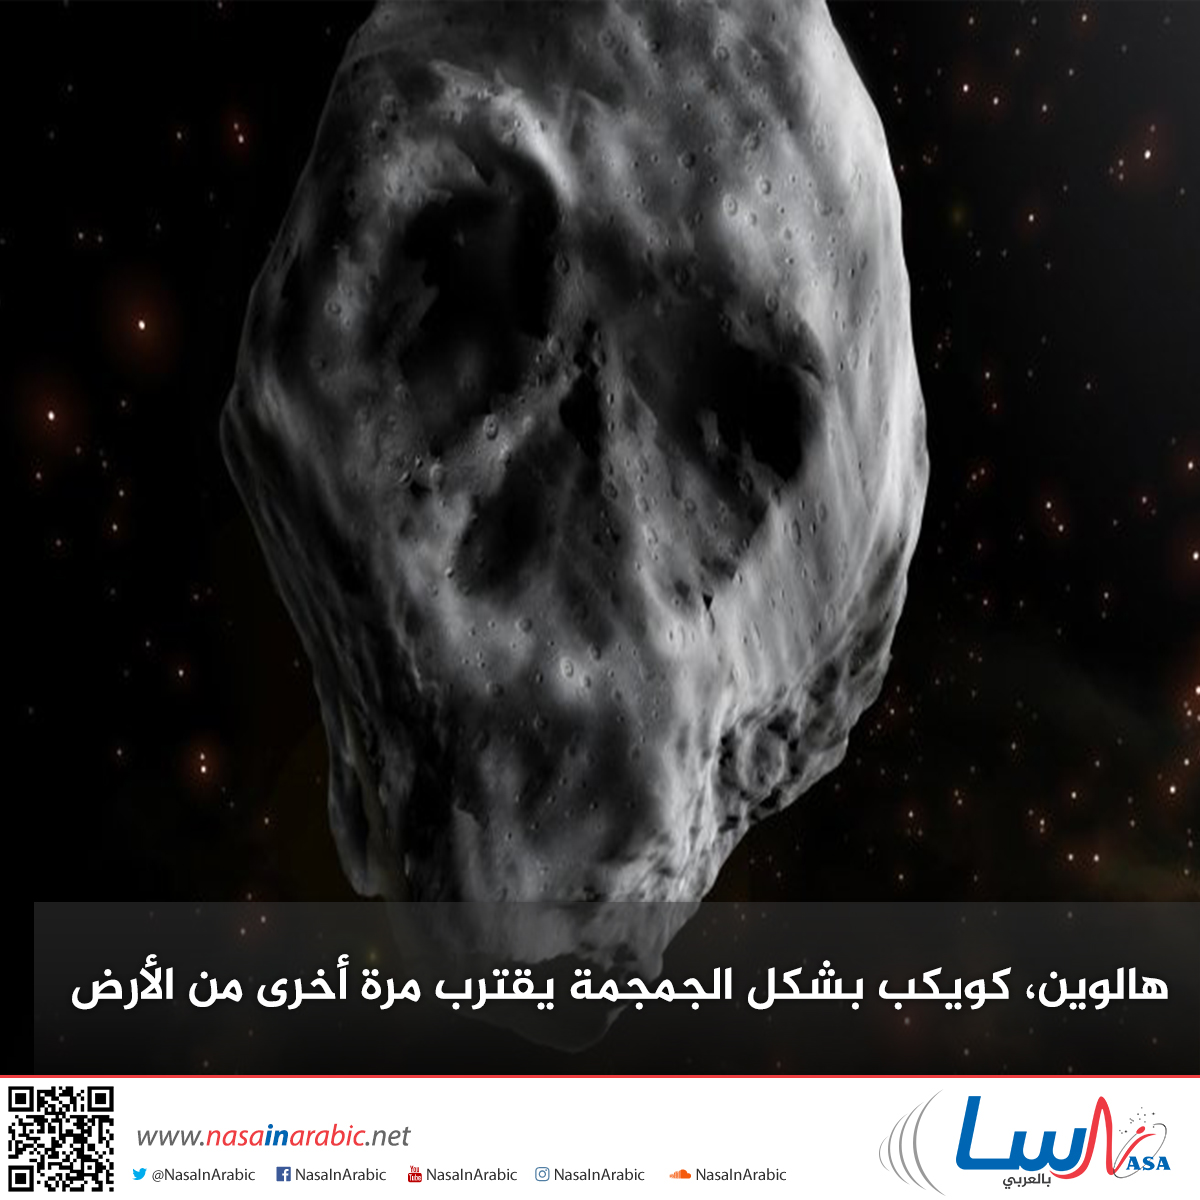 هالوين، كويكب بشكل الجمجمة يقترب مرة أخرى من الأرض